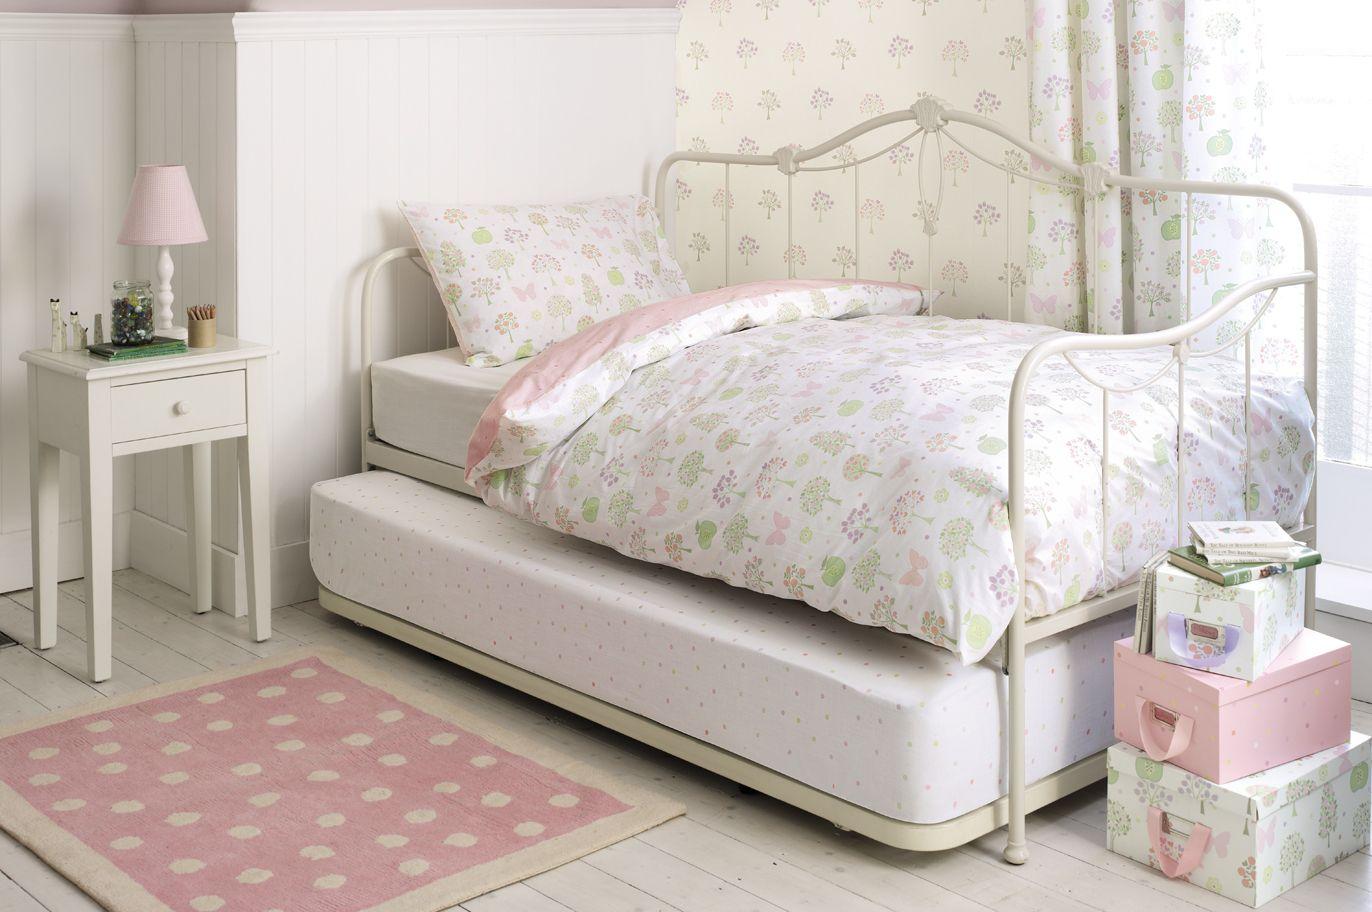 Le niveau inférieur du lit est pratiquement au sol, il est donc conseillé d'y poser un matelas haut et chaud